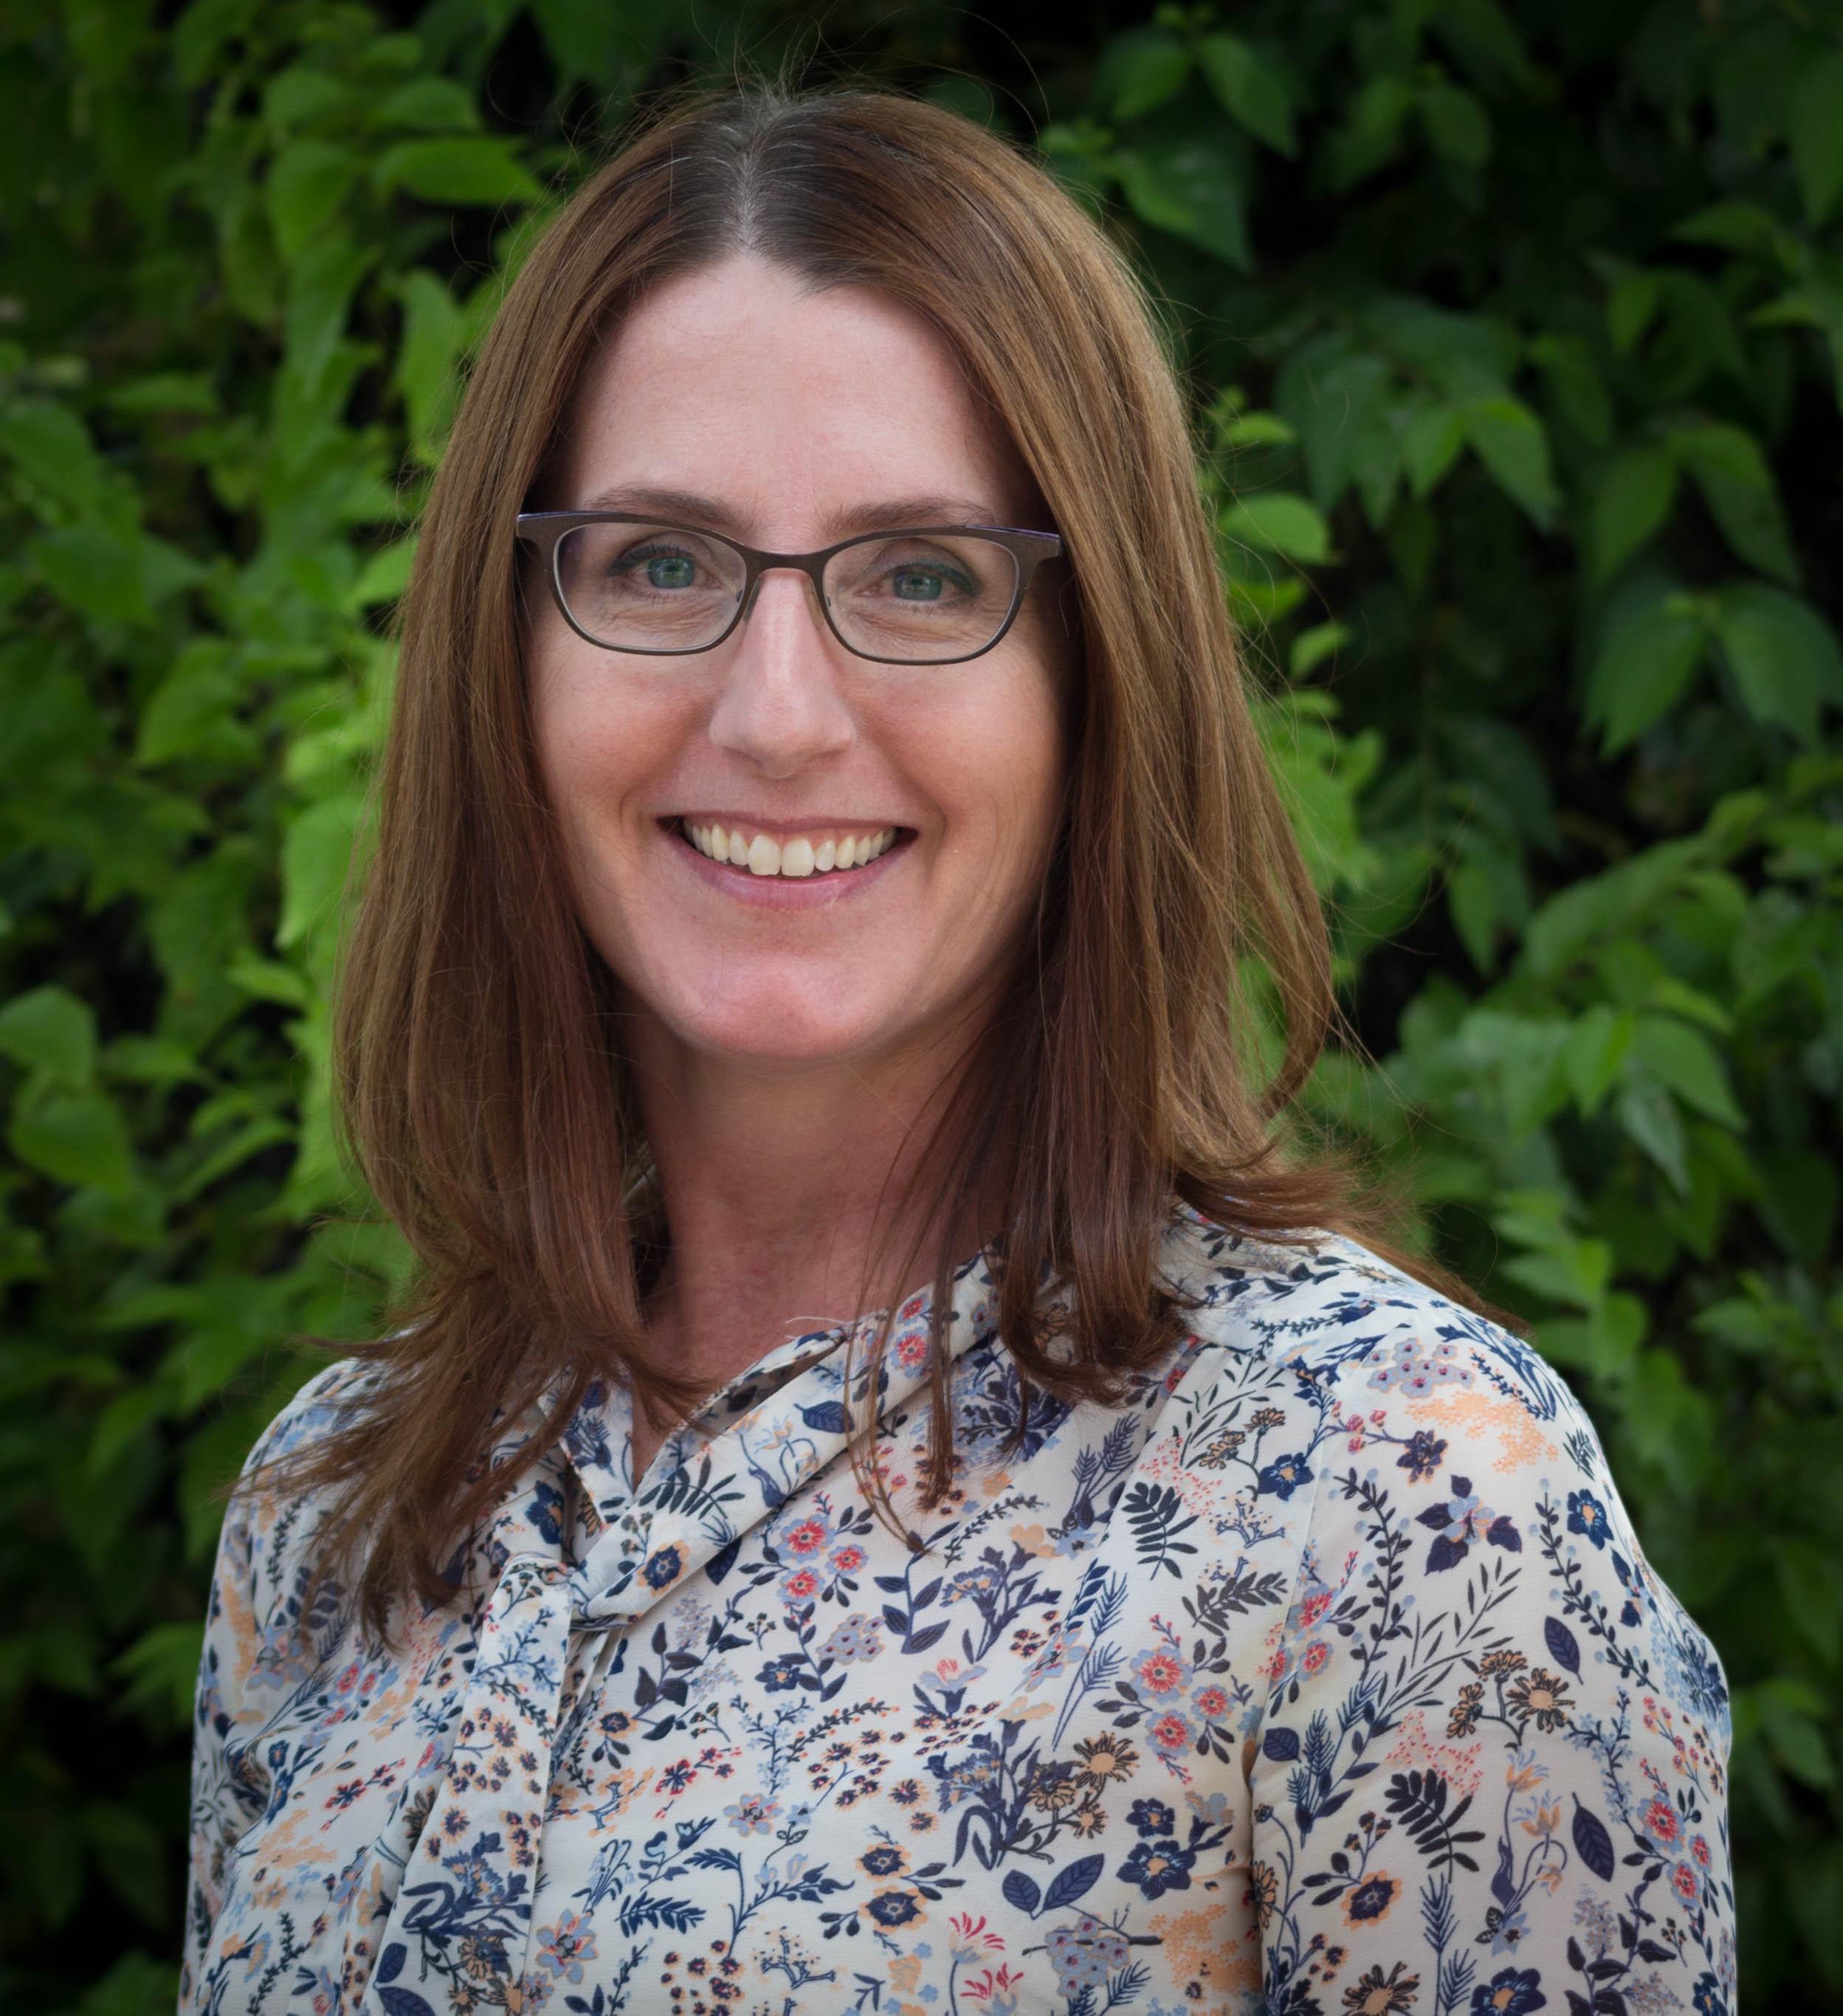 Julie Slaughter